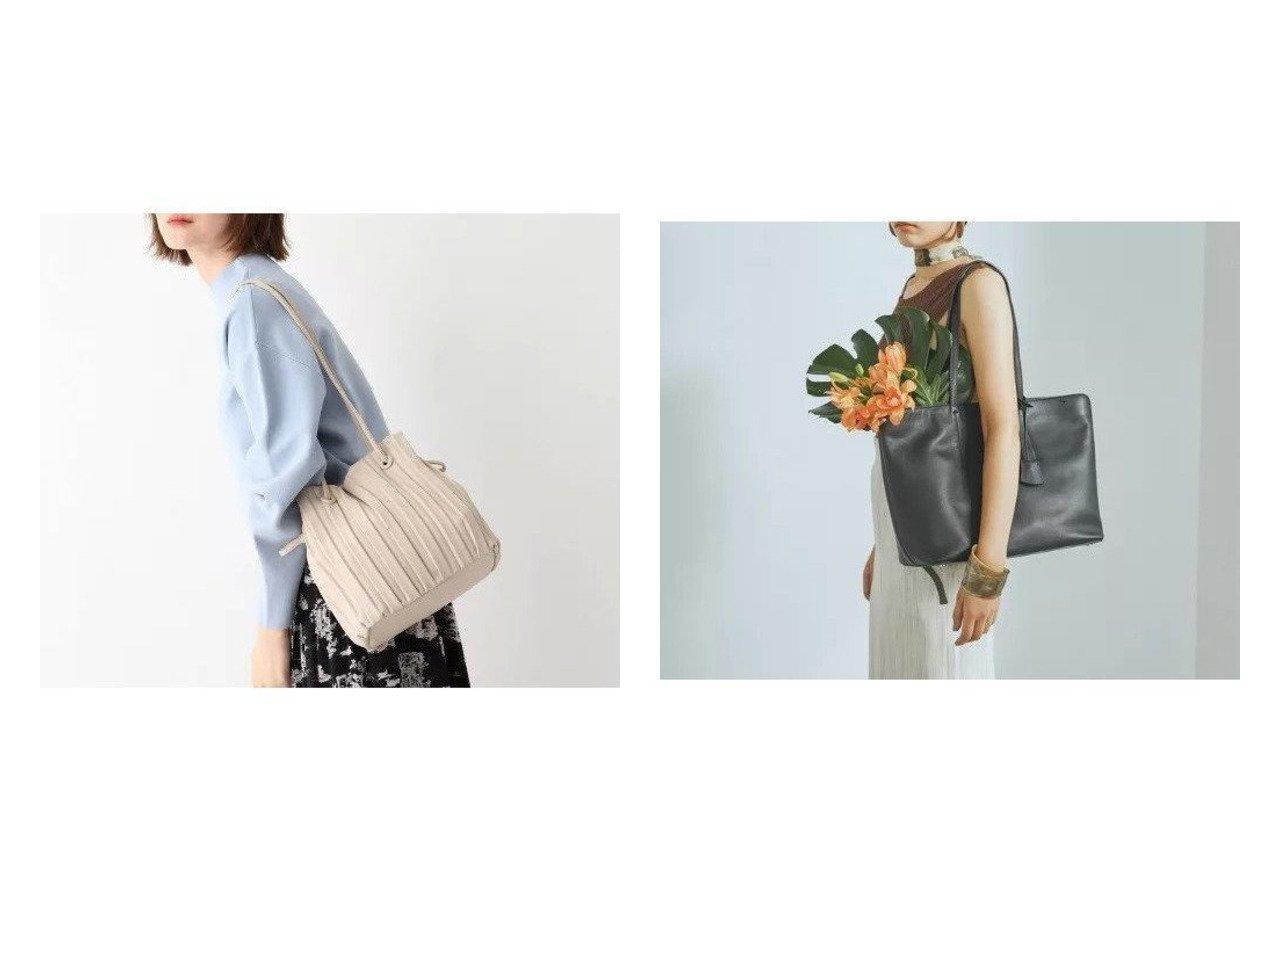 【AG by aquagirl/エージー バイ アクアガール】のくるみハトメプリーツショルダーバッグ&【TOPKAPI/トプカピ】のフロントステッチ レザーA4トートバッグ バッグ・鞄のおすすめ!人気、トレンド・レディースファッションの通販 おすすめで人気の流行・トレンド、ファッションの通販商品 メンズファッション・キッズファッション・インテリア・家具・レディースファッション・服の通販 founy(ファニー) https://founy.com/ ファッション Fashion レディースファッション WOMEN バッグ Bag トレンド フェイクレザー プリーツ ポケット 巾着 財布 チャーム フロント  ID:crp329100000014489